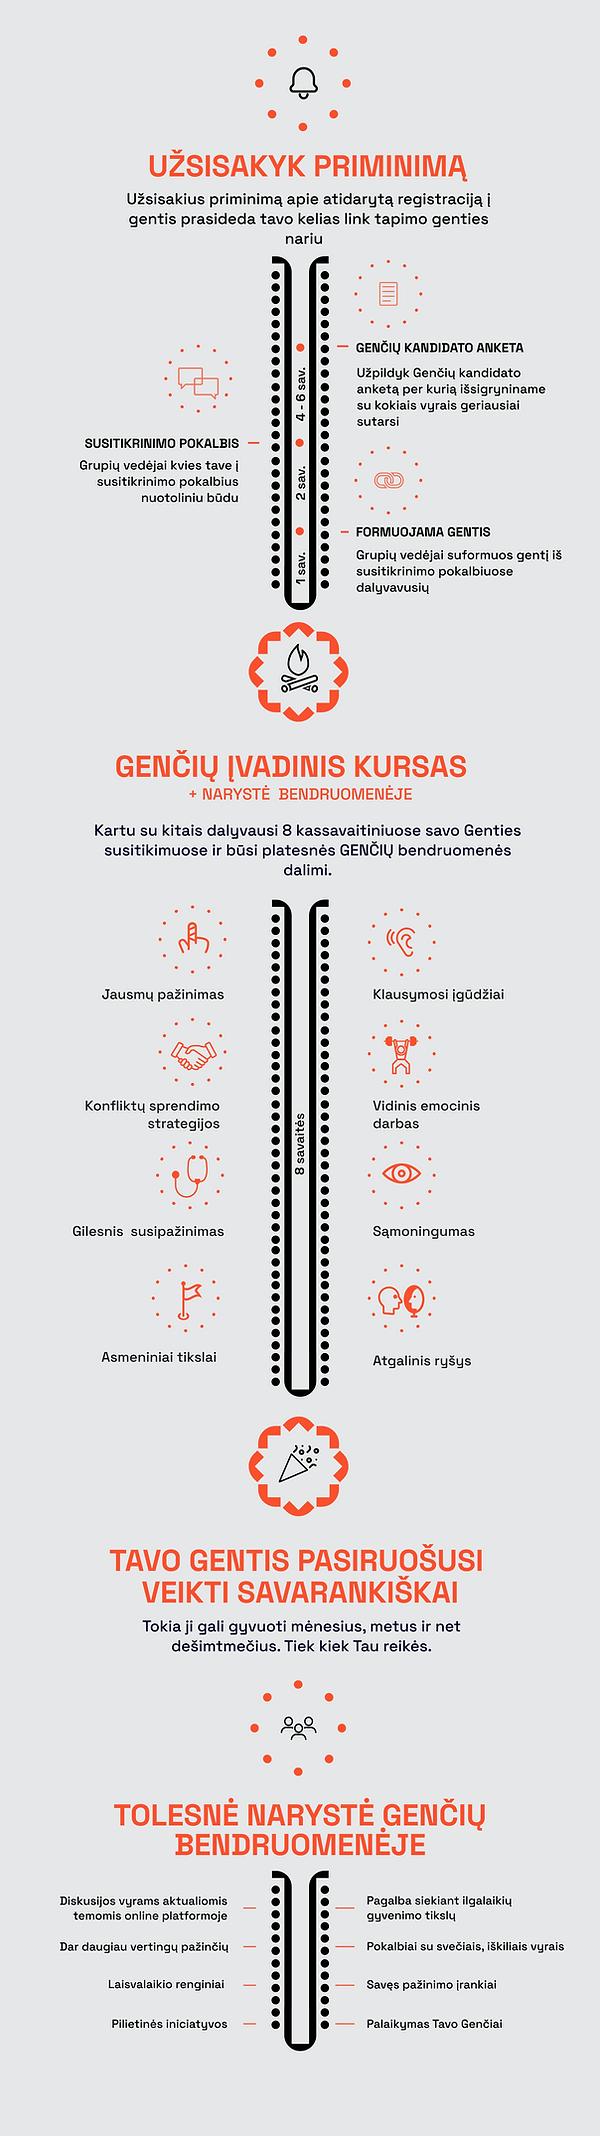 Genčių formavimo procesas - infografikas 2021 rugsėjis new branding.png